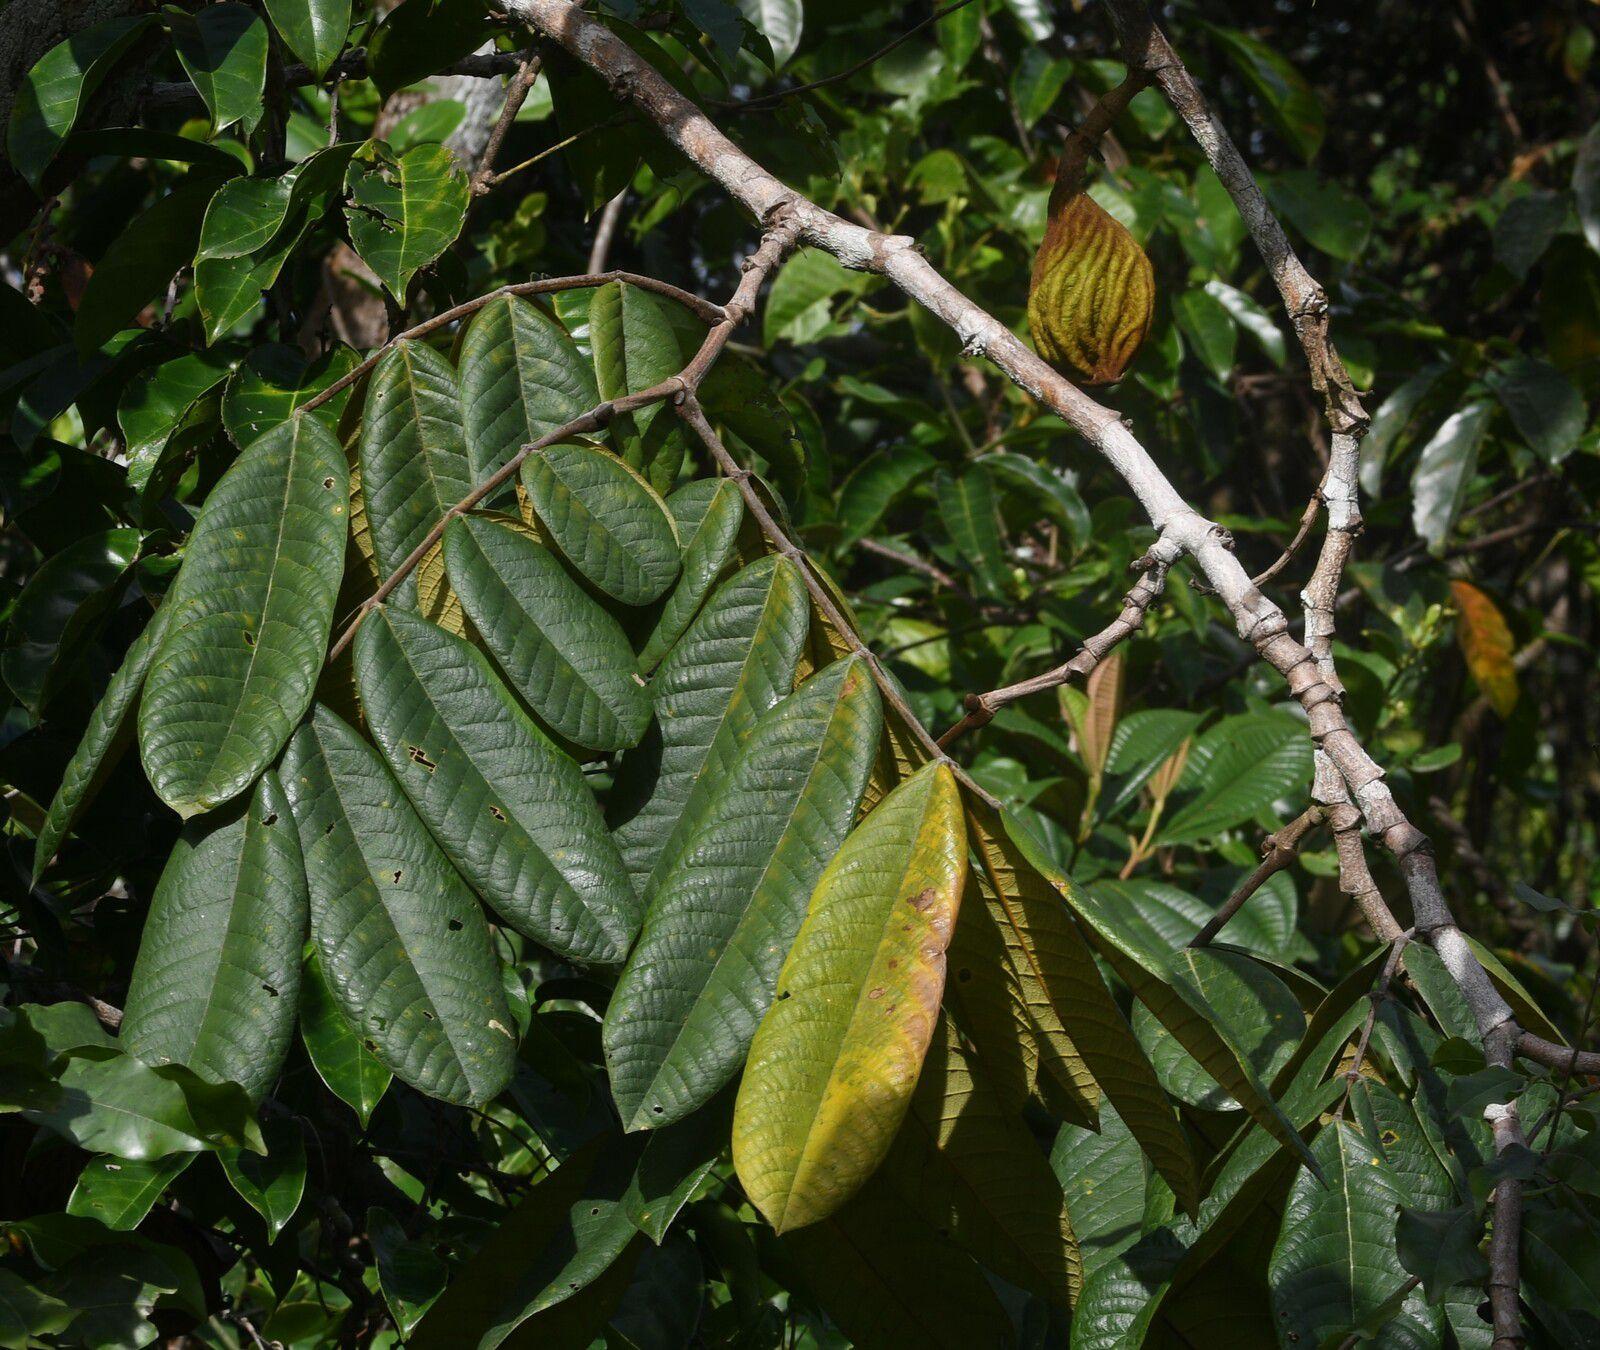 Swartzia panacoco var. sagotii